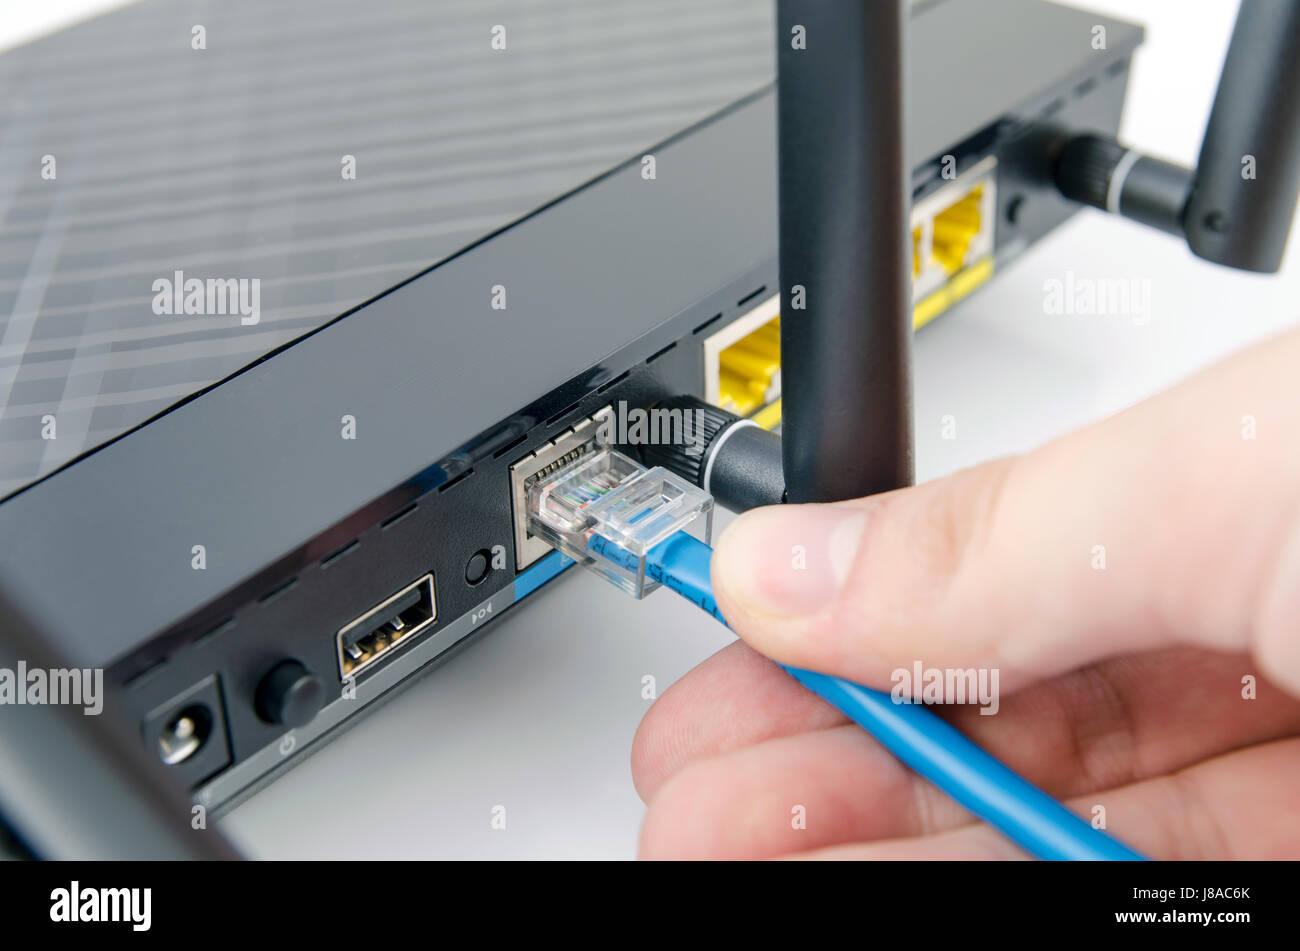 mann lässt sich internet-kabel an den router. router wlan-ethernet